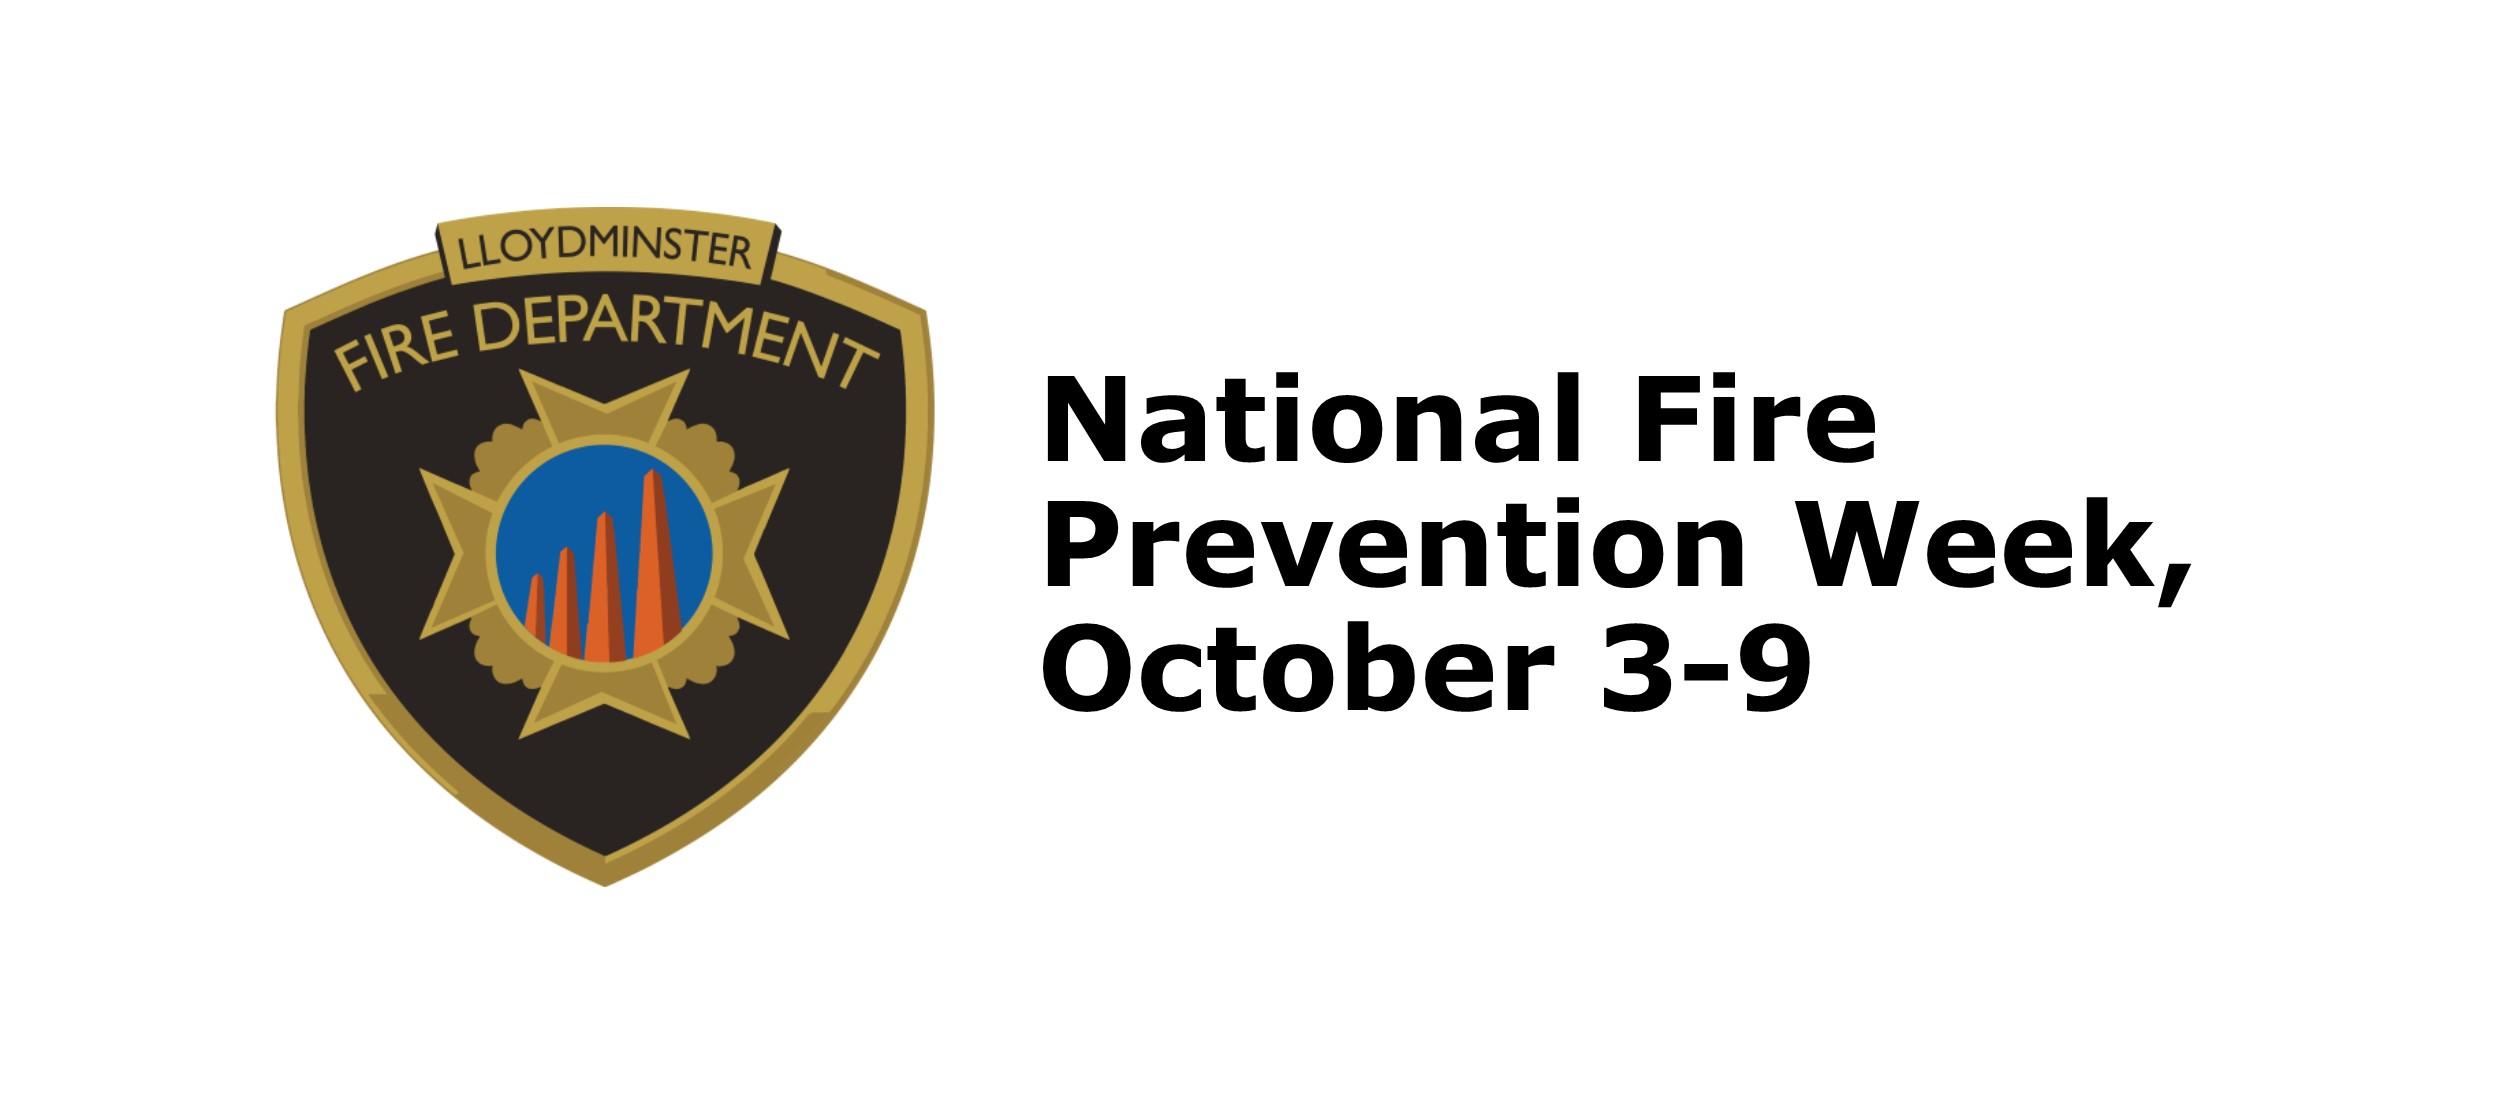 Lloydminster Fire Department Fire Prevention Week